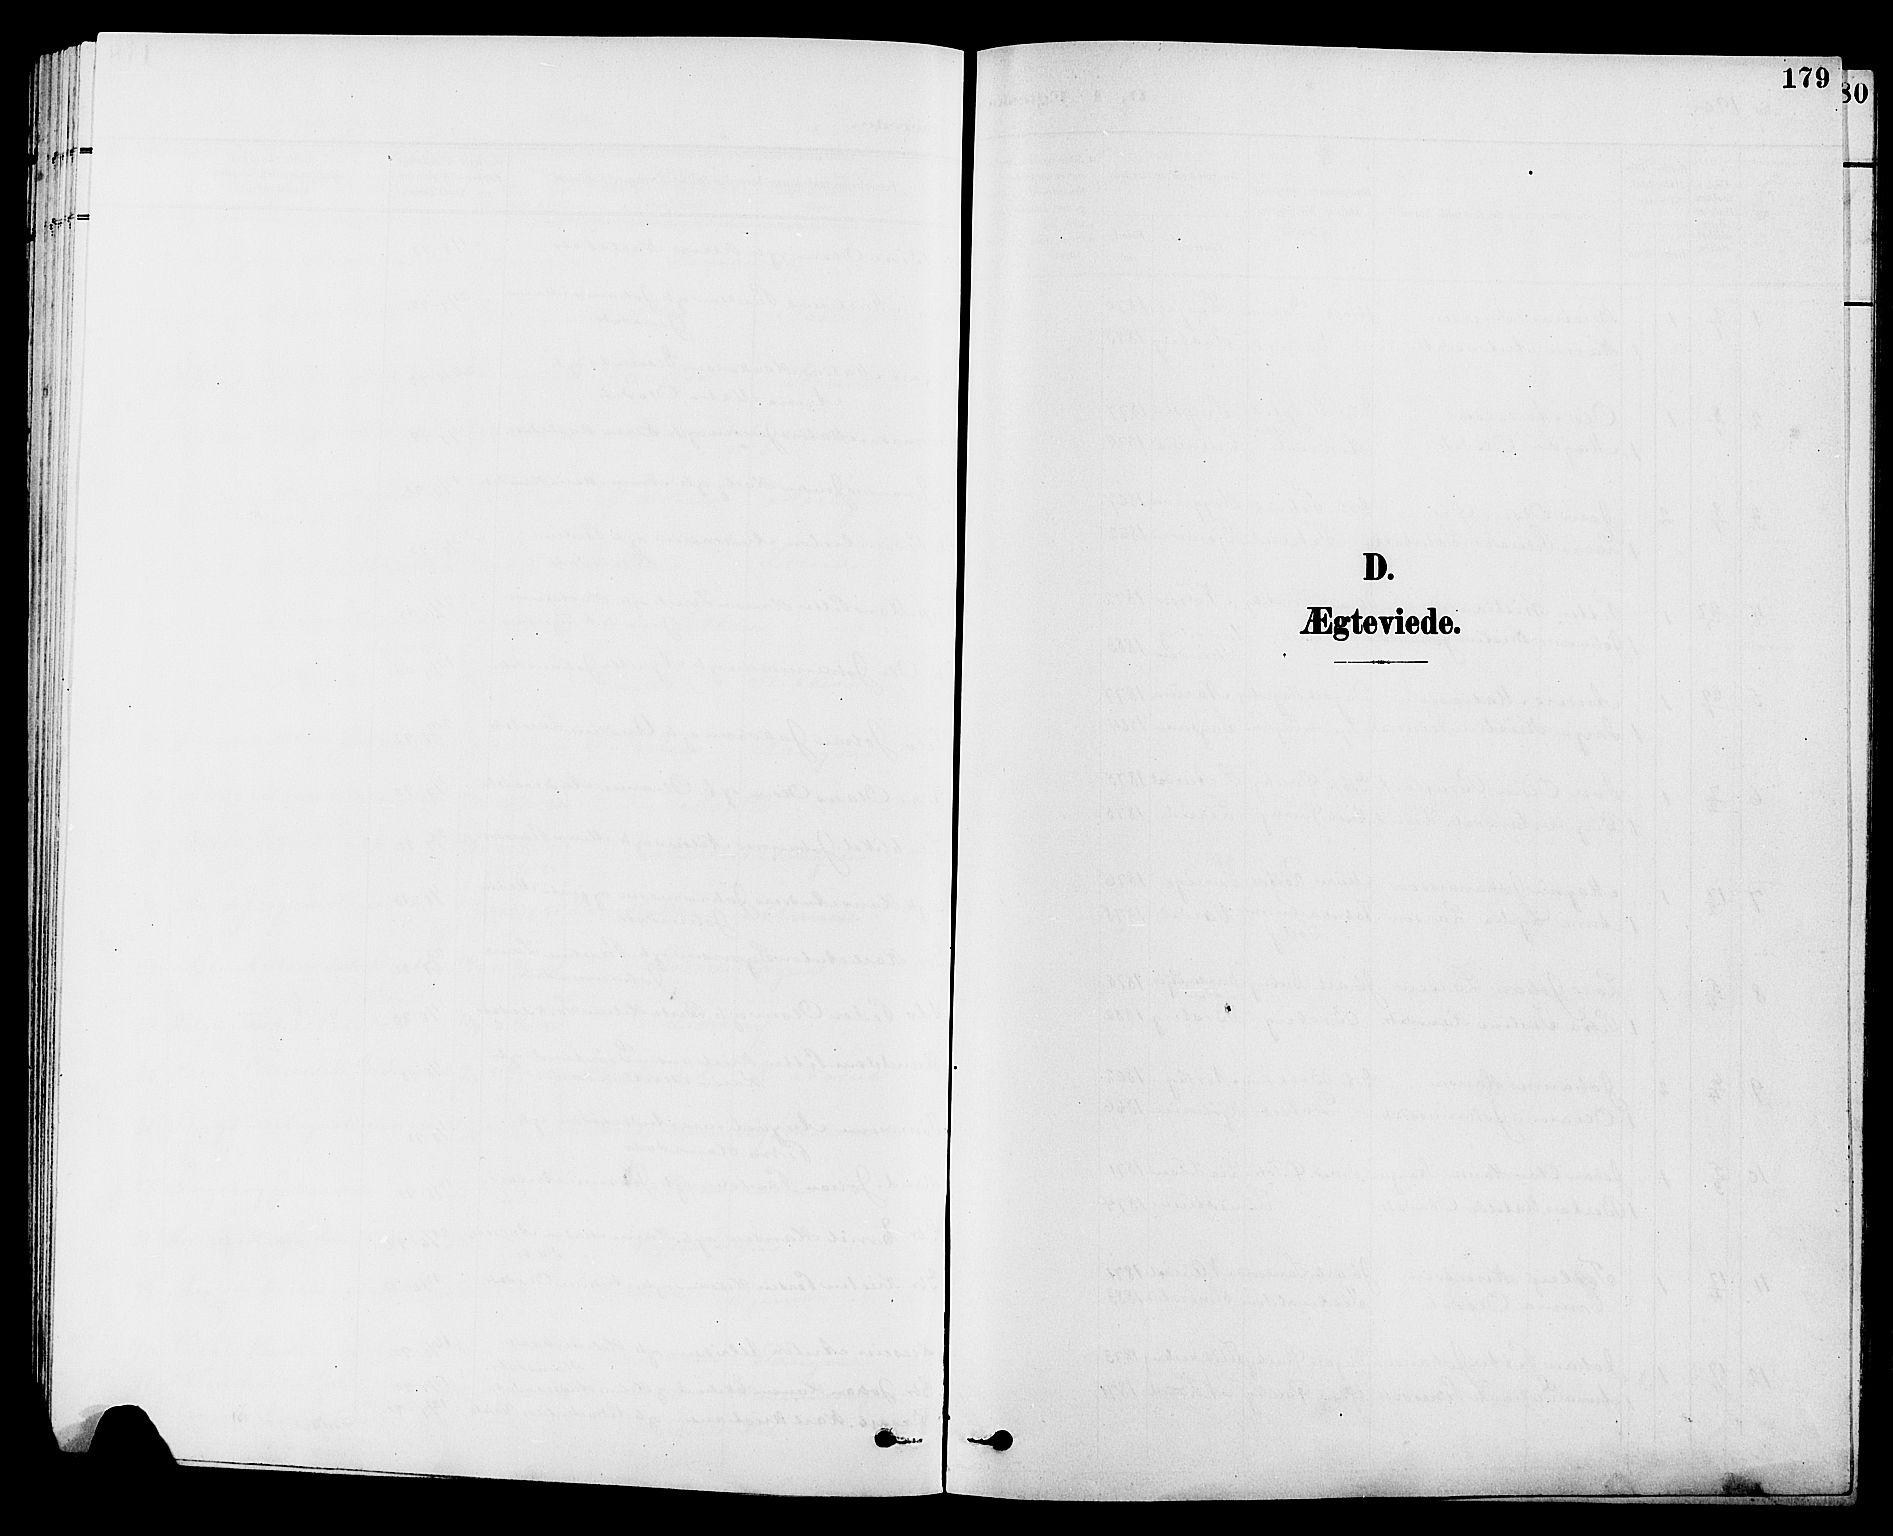 SAH, Vestre Toten prestekontor, H/Ha/Hab/L0010: Klokkerbok nr. 10, 1900-1912, s. 179